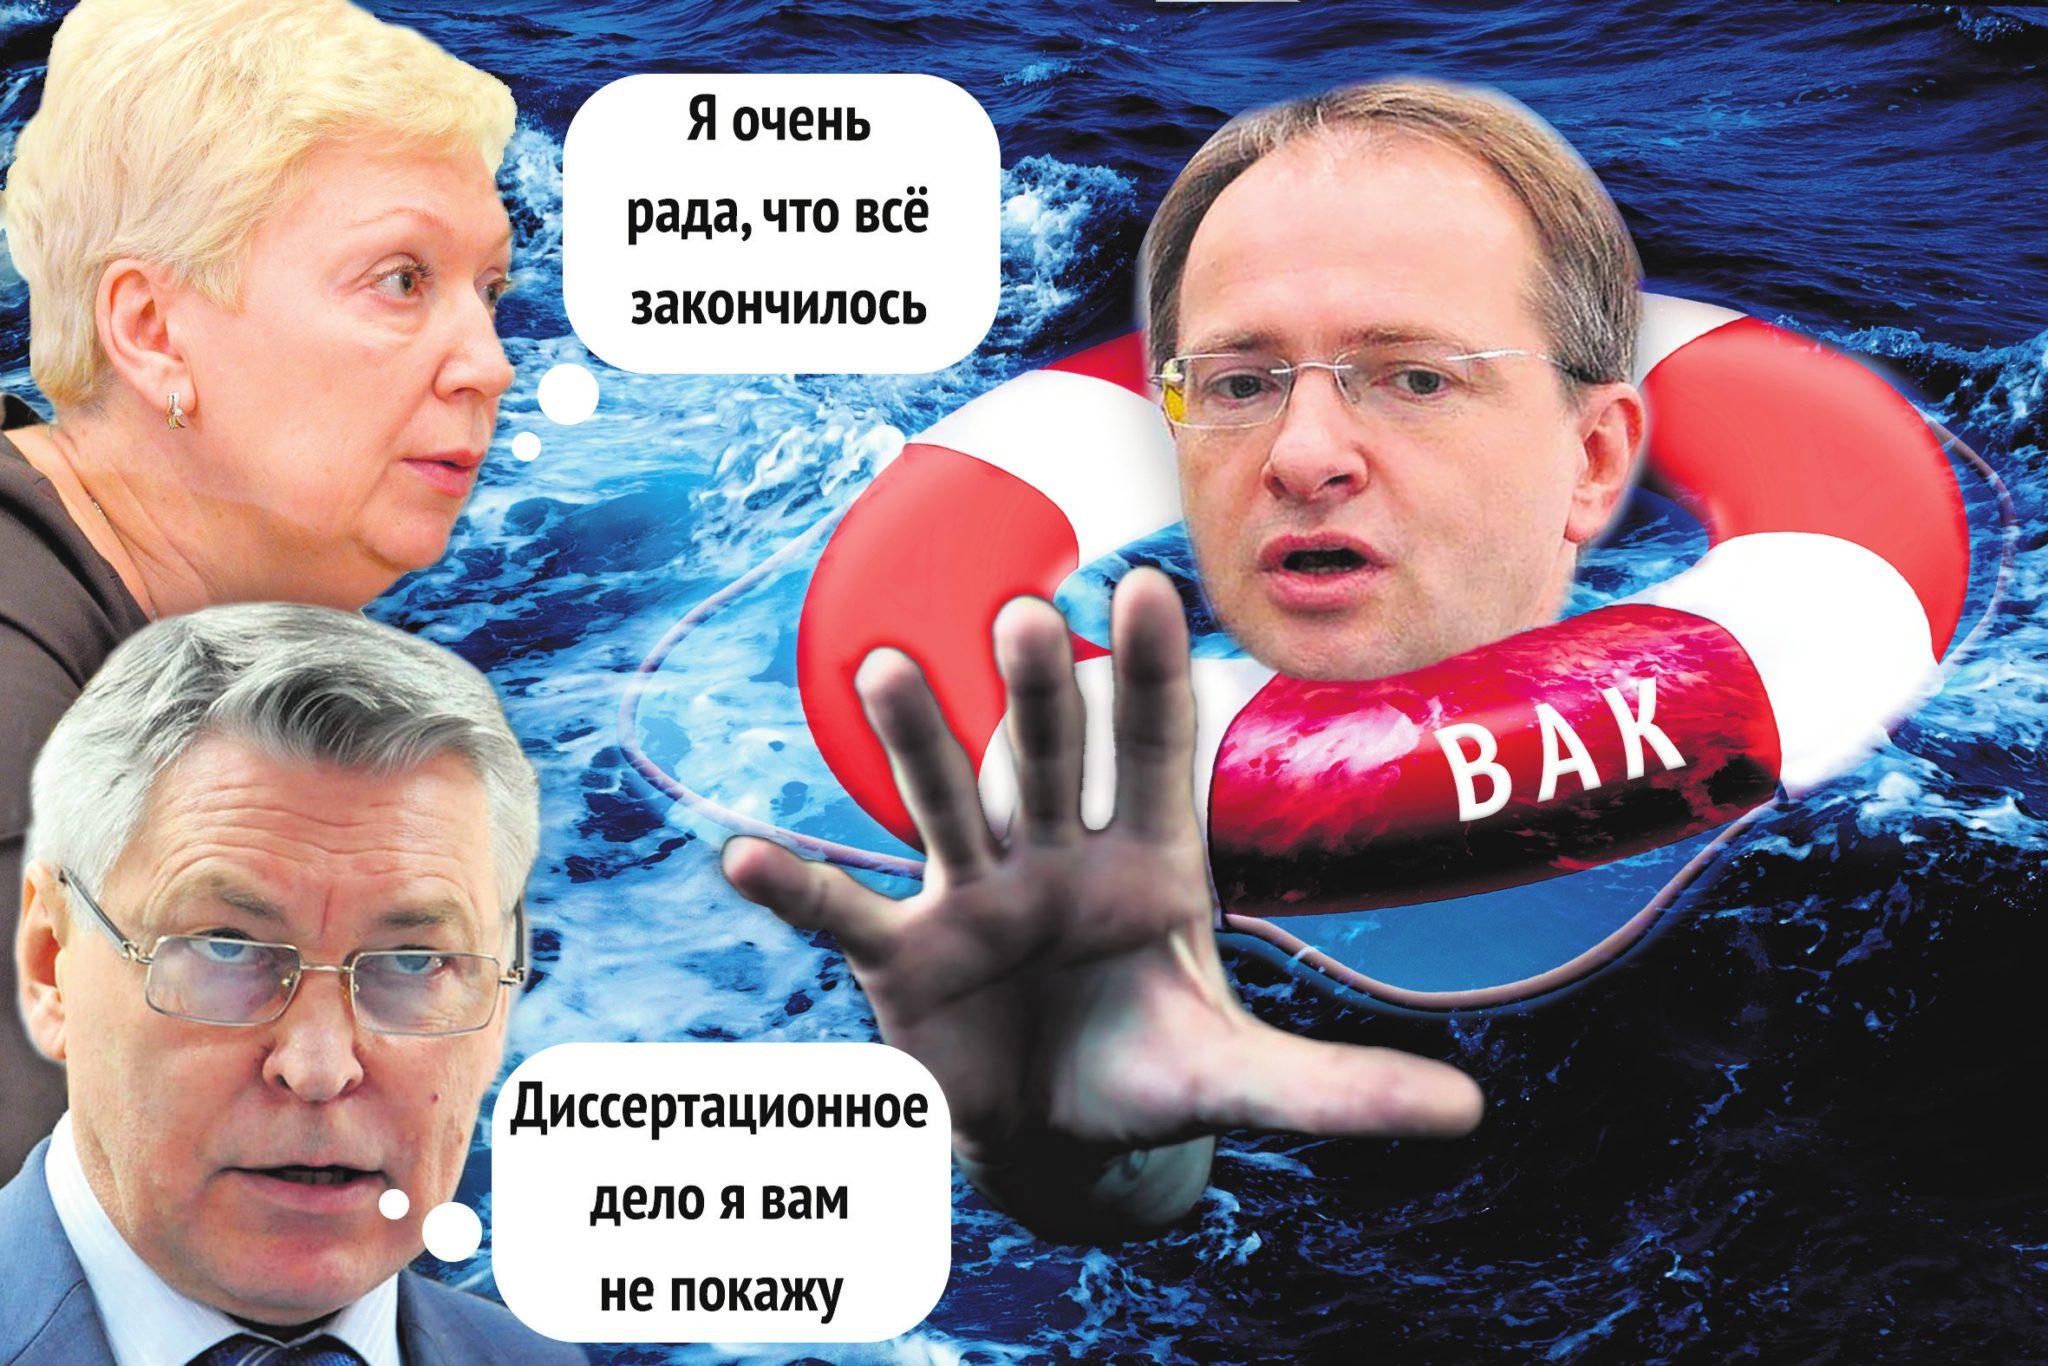 Коллаж М. Борисова. В коллаже использованы фото kremlin.ru и «Ведомостей»